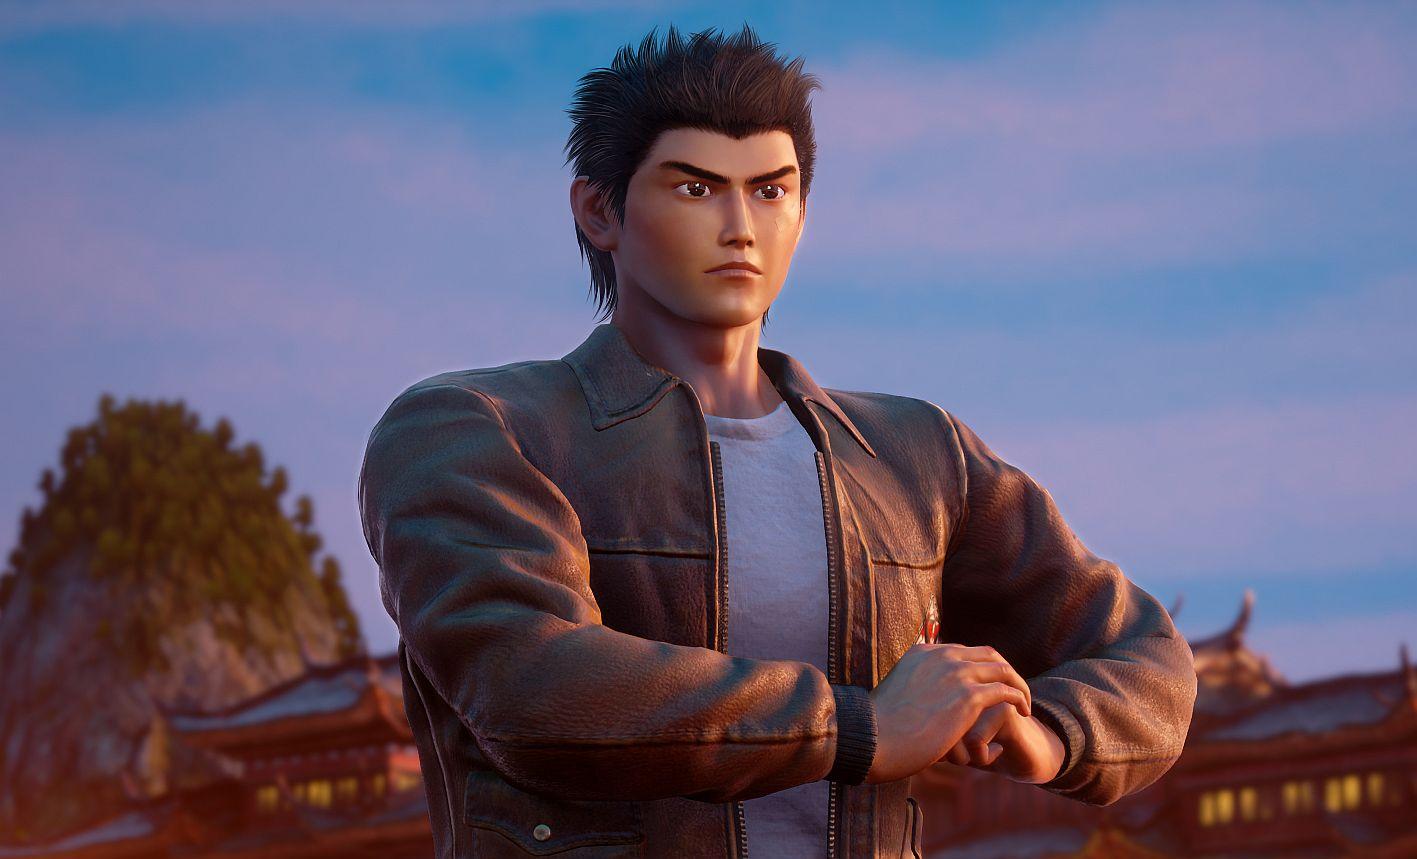 Arrivano diverse novità dall'E3 2019 per Shemue III